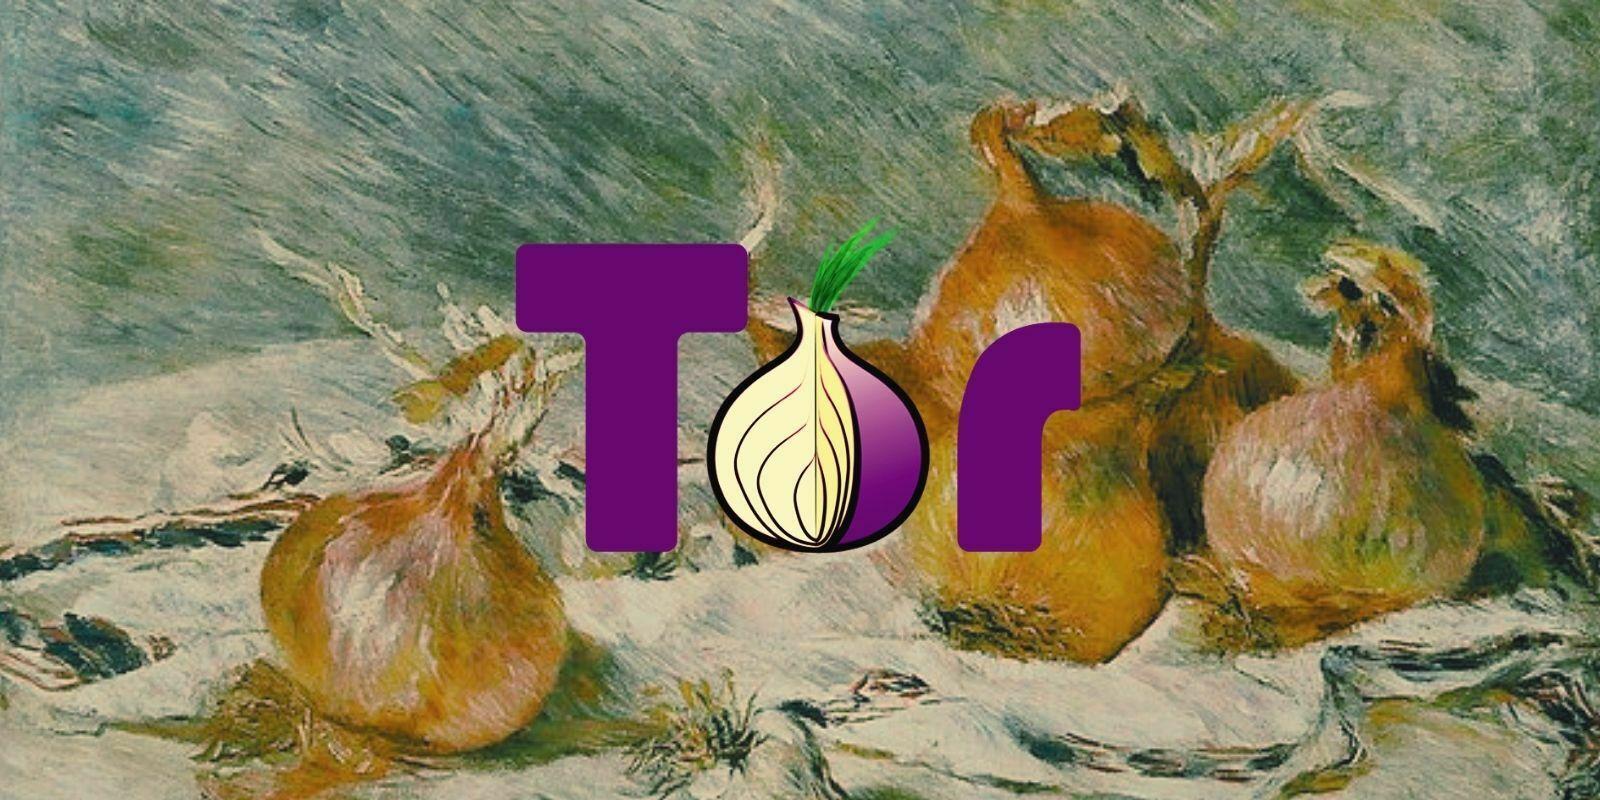 Tor Project vend la première URL « .onion » sous forme de NFT pour 2 millions de dollars